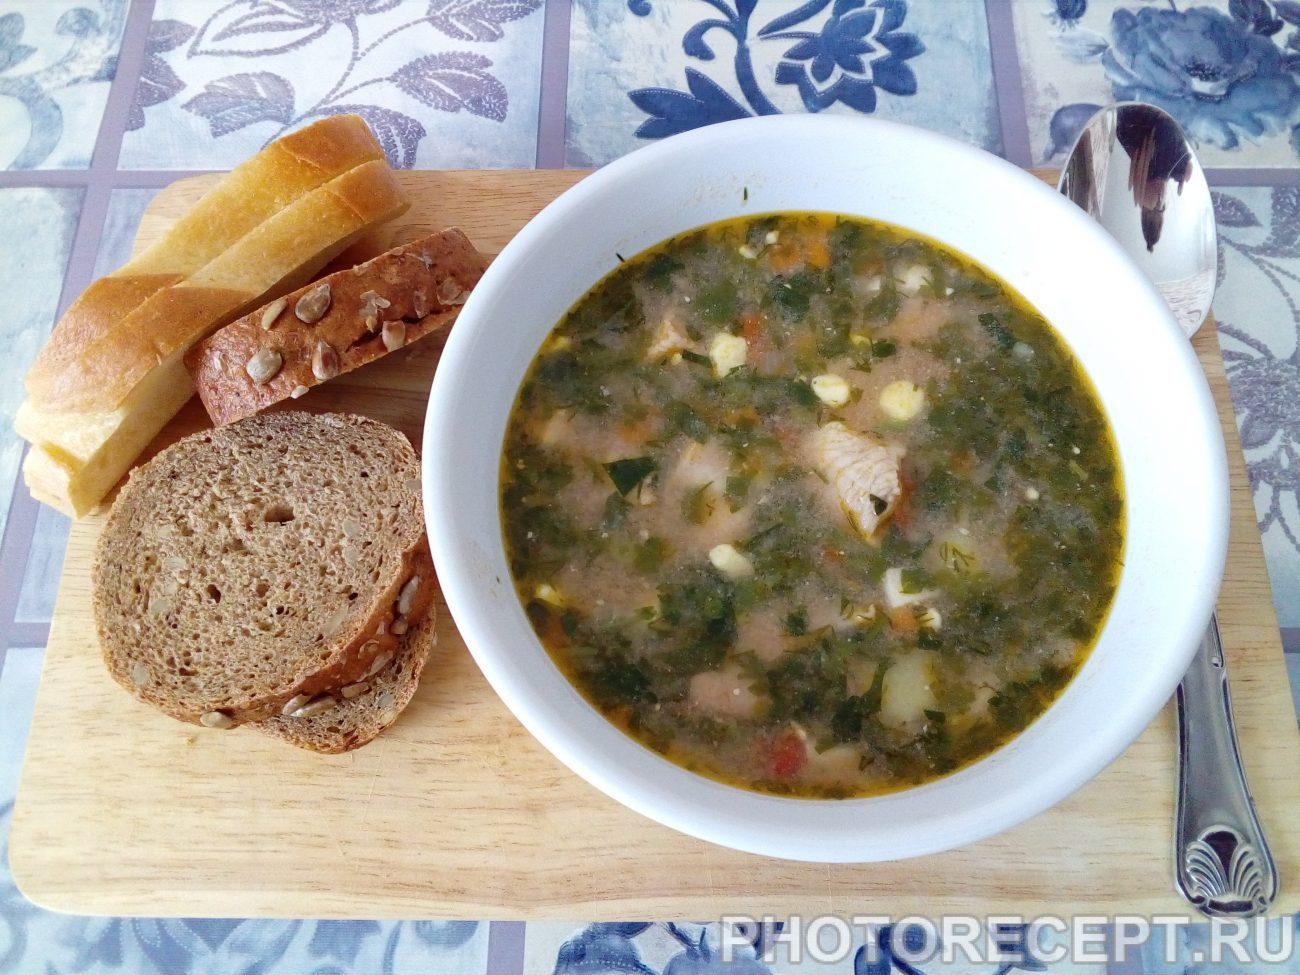 Зеленый борщ – блюдо, которое холодной осенью напоминает о теплом лете